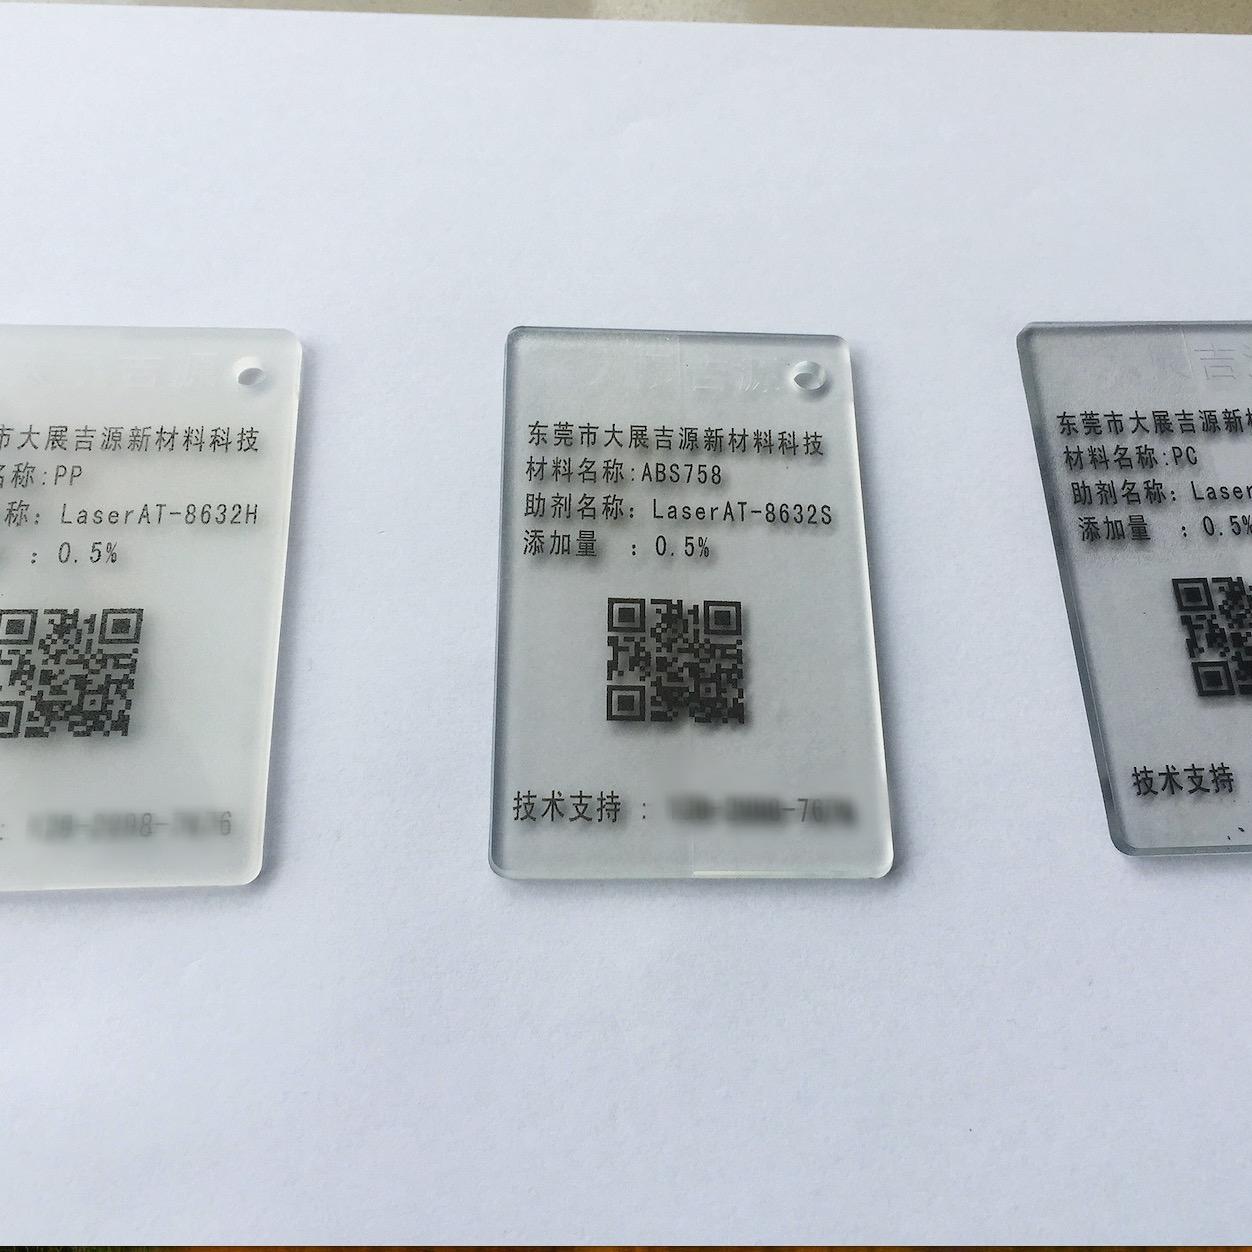 PP透明镭雕粉 ABS透明激光粉 激光母粒 镭雕母粒 厂家直销